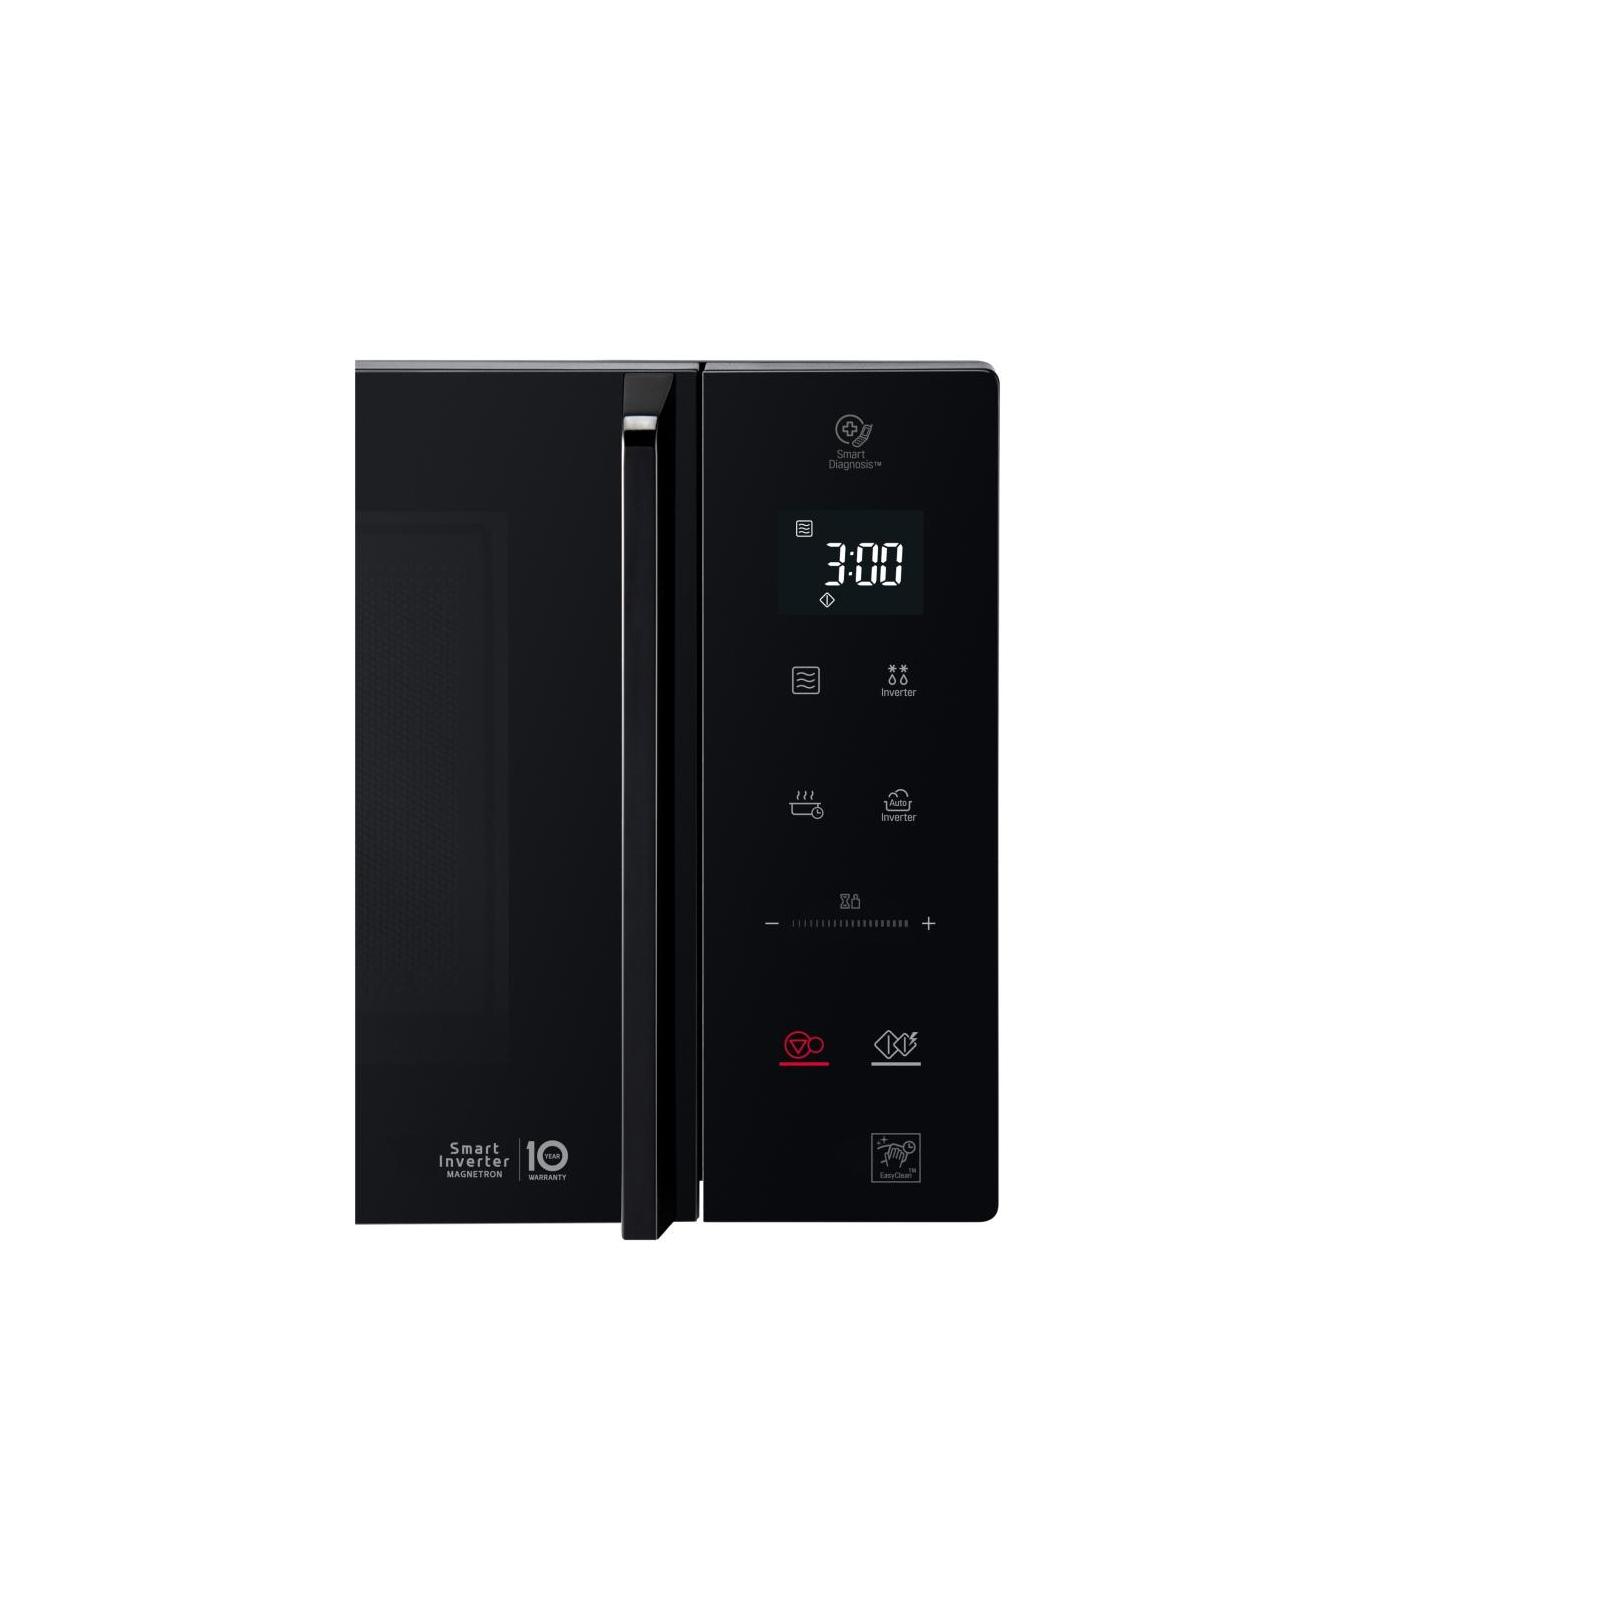 Микроволновая печь LG MS2595FISW изображение 8